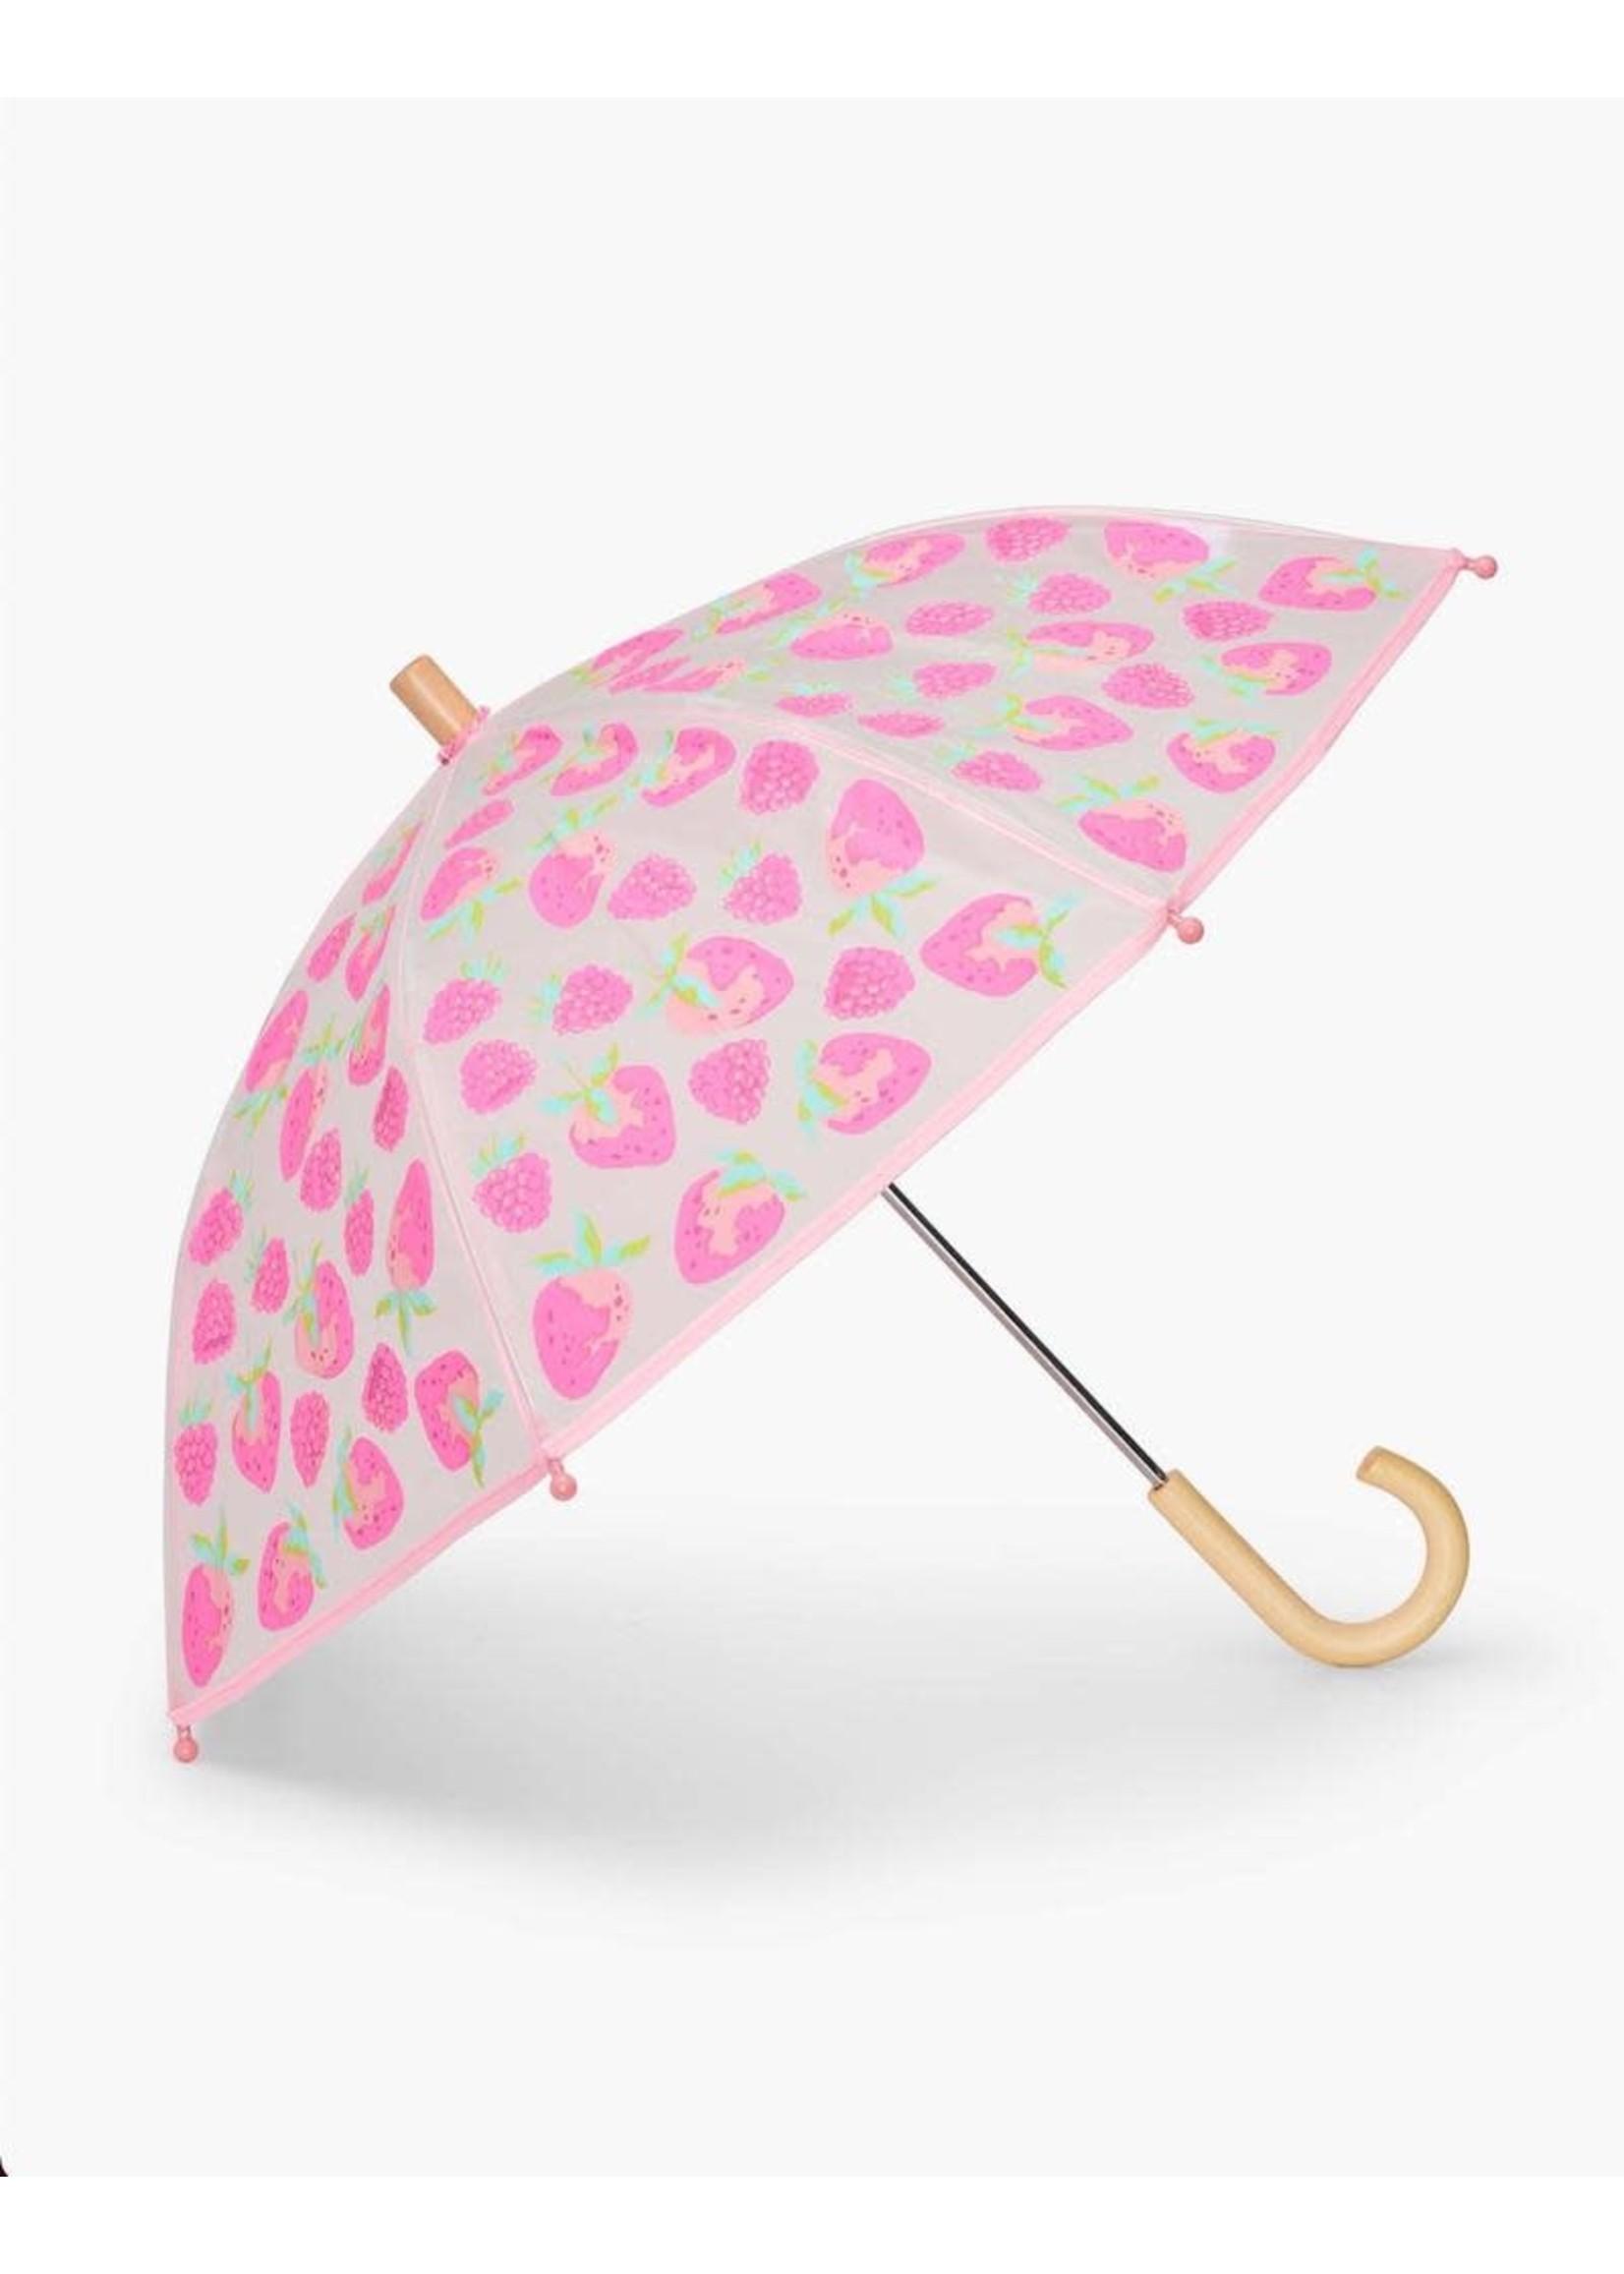 Hatley Hatley, Delicious Berries Clear Umbrella